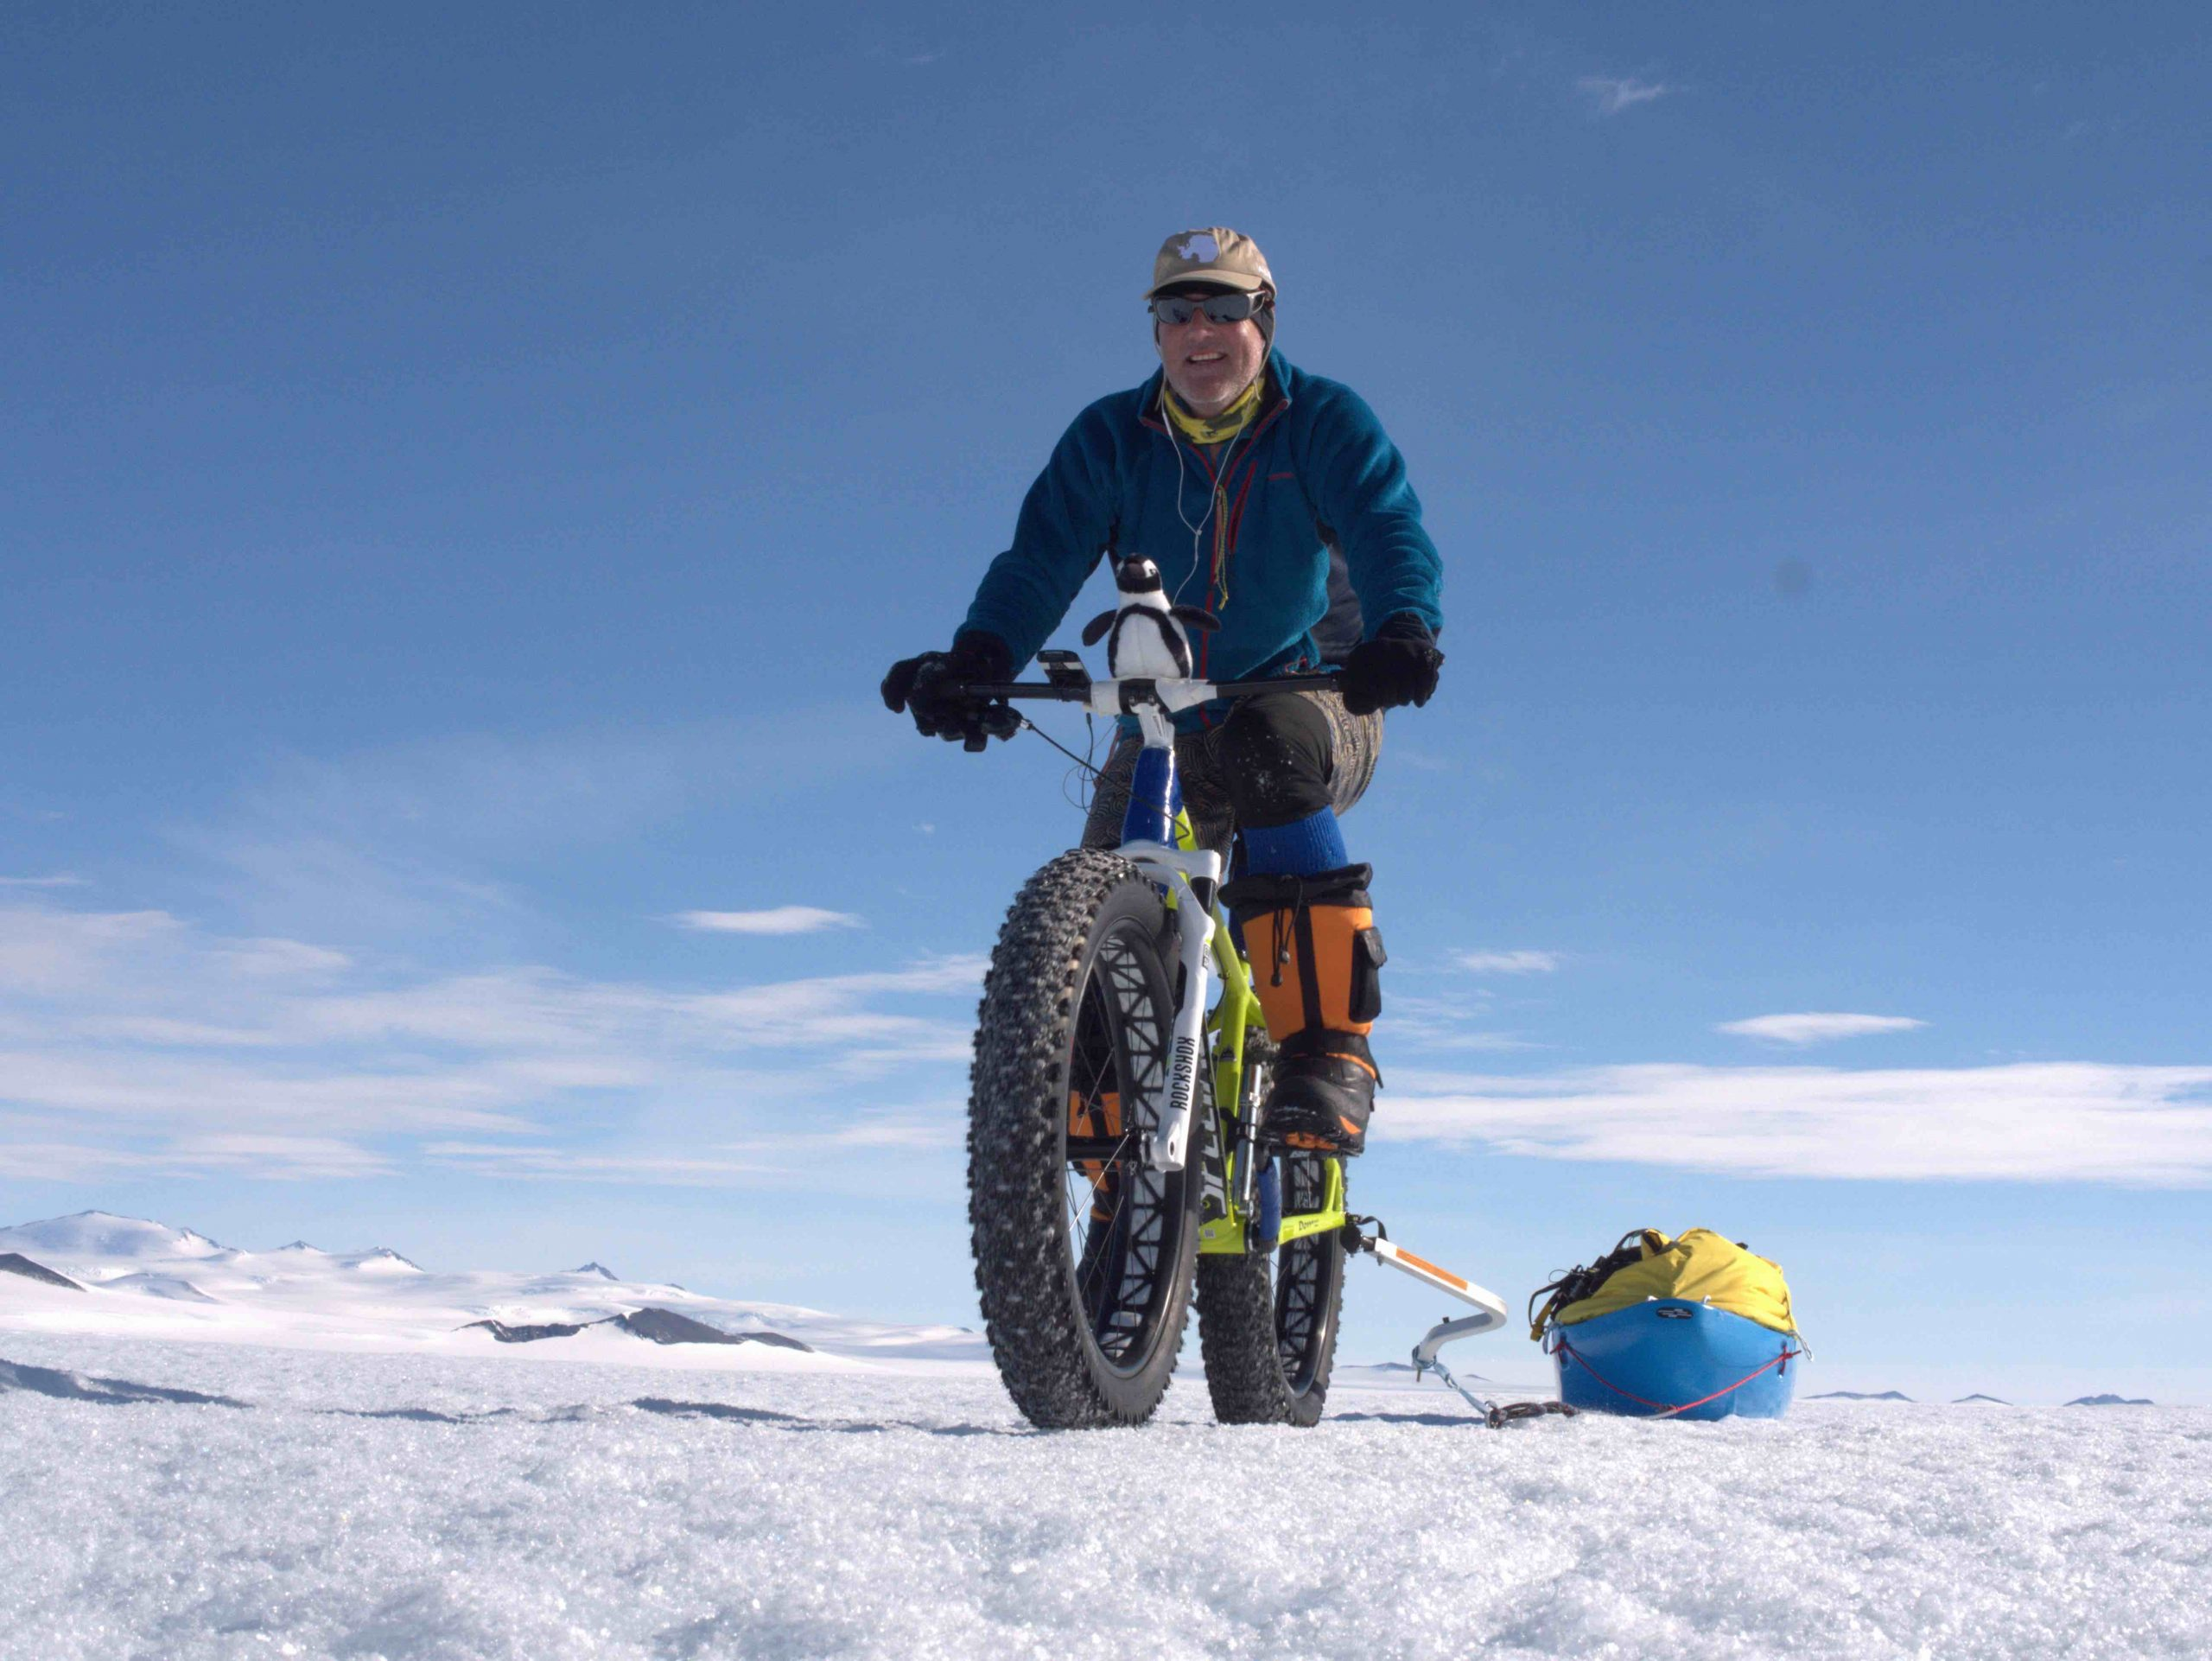 Abb. 19 Der Australier Keith Tuffley setzt bei der ersten Südpol- Expedition über den unbegangenen Reedy-Gletscher 2016 nicht nur Ski sondern zur Hälfte der Strecke auch ein Fatbike ein, um seinen Materialschlitten zu ziehen. Foto: Eric Philips 2016